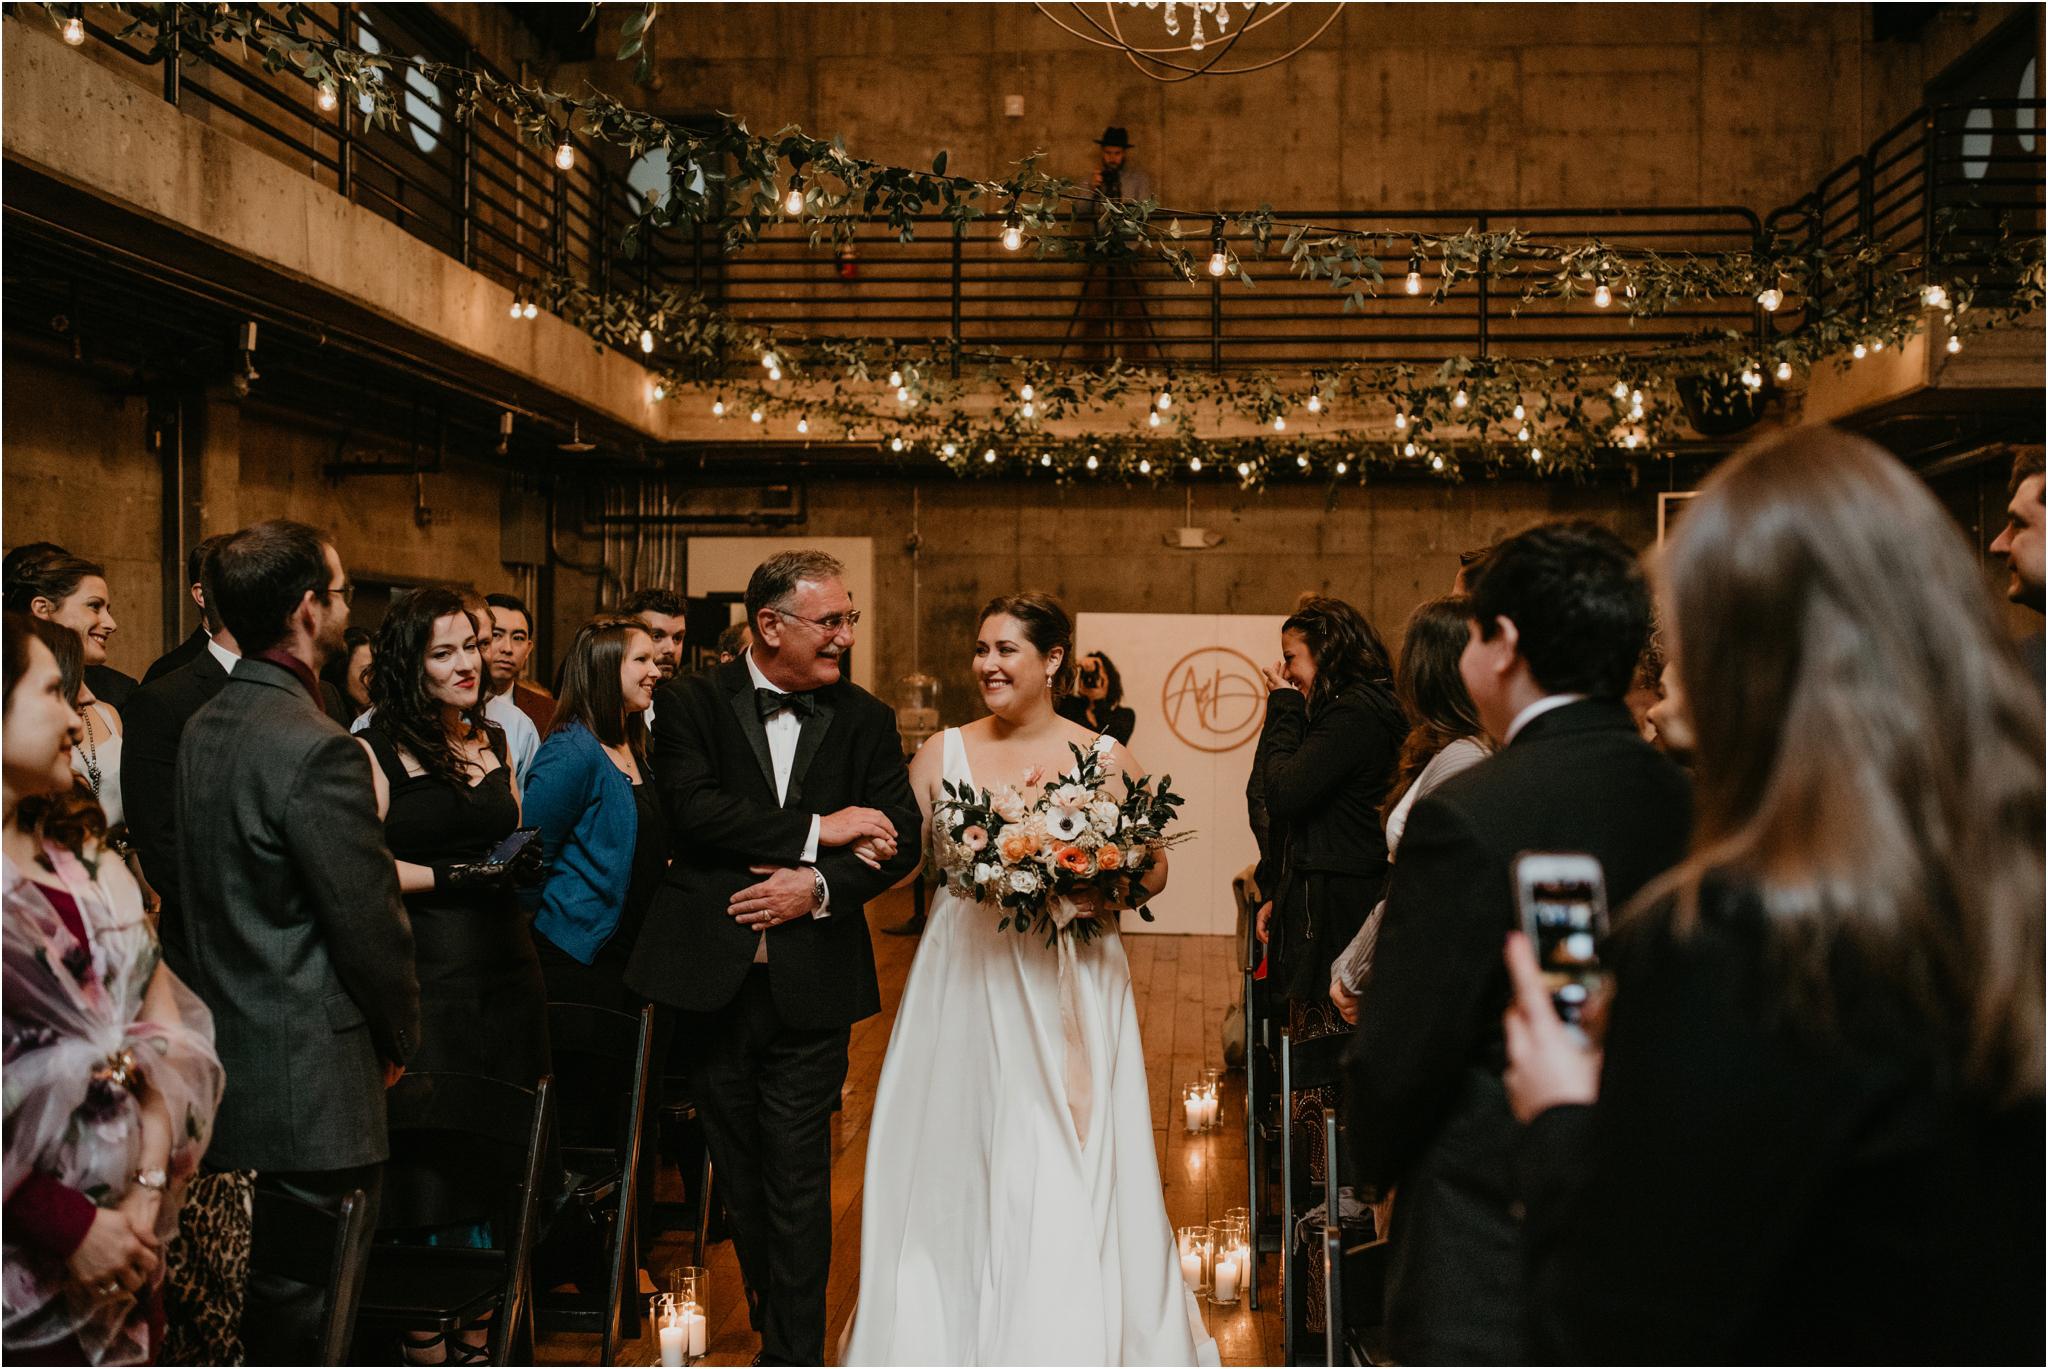 ashley-and-david-fremont-foundry-seattle-washington-wedding-photographer-065.jpg